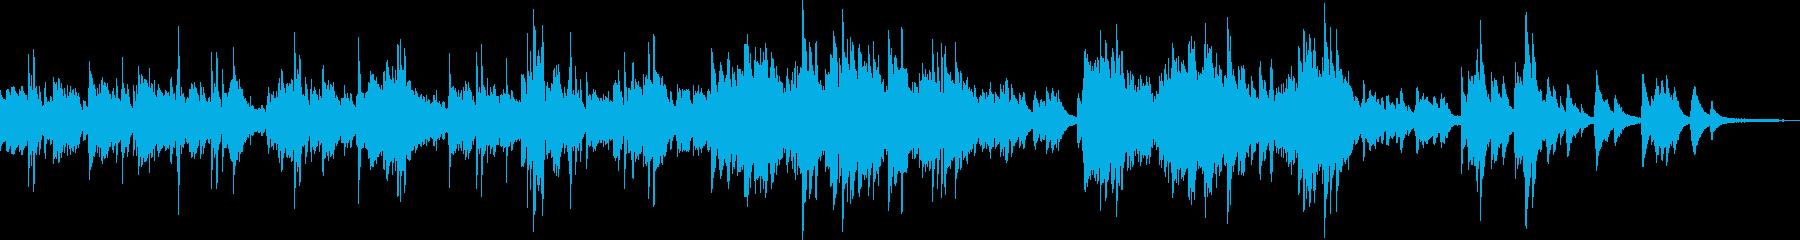 安らぎのピアノ曲(優しい・幻想的・光) の再生済みの波形